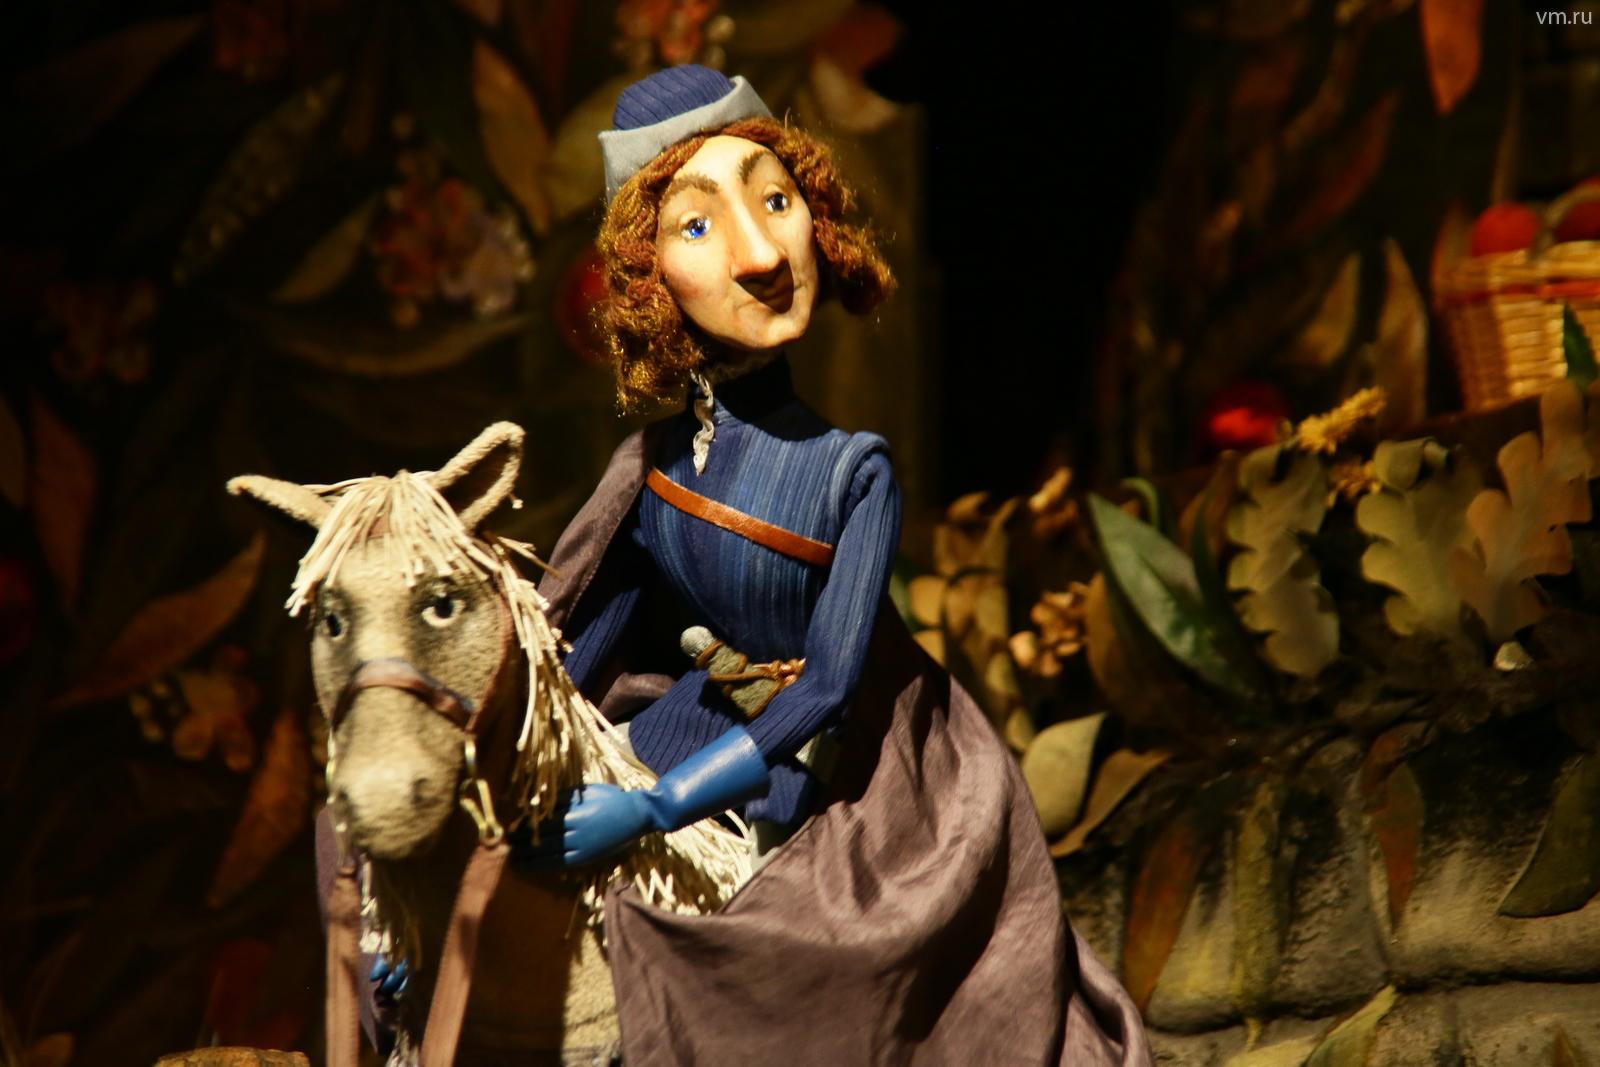 """Замок короля стоит на горе, используются многоплановые декорации / Сергей Шахиджанян, """"Вечерняя Москва"""""""